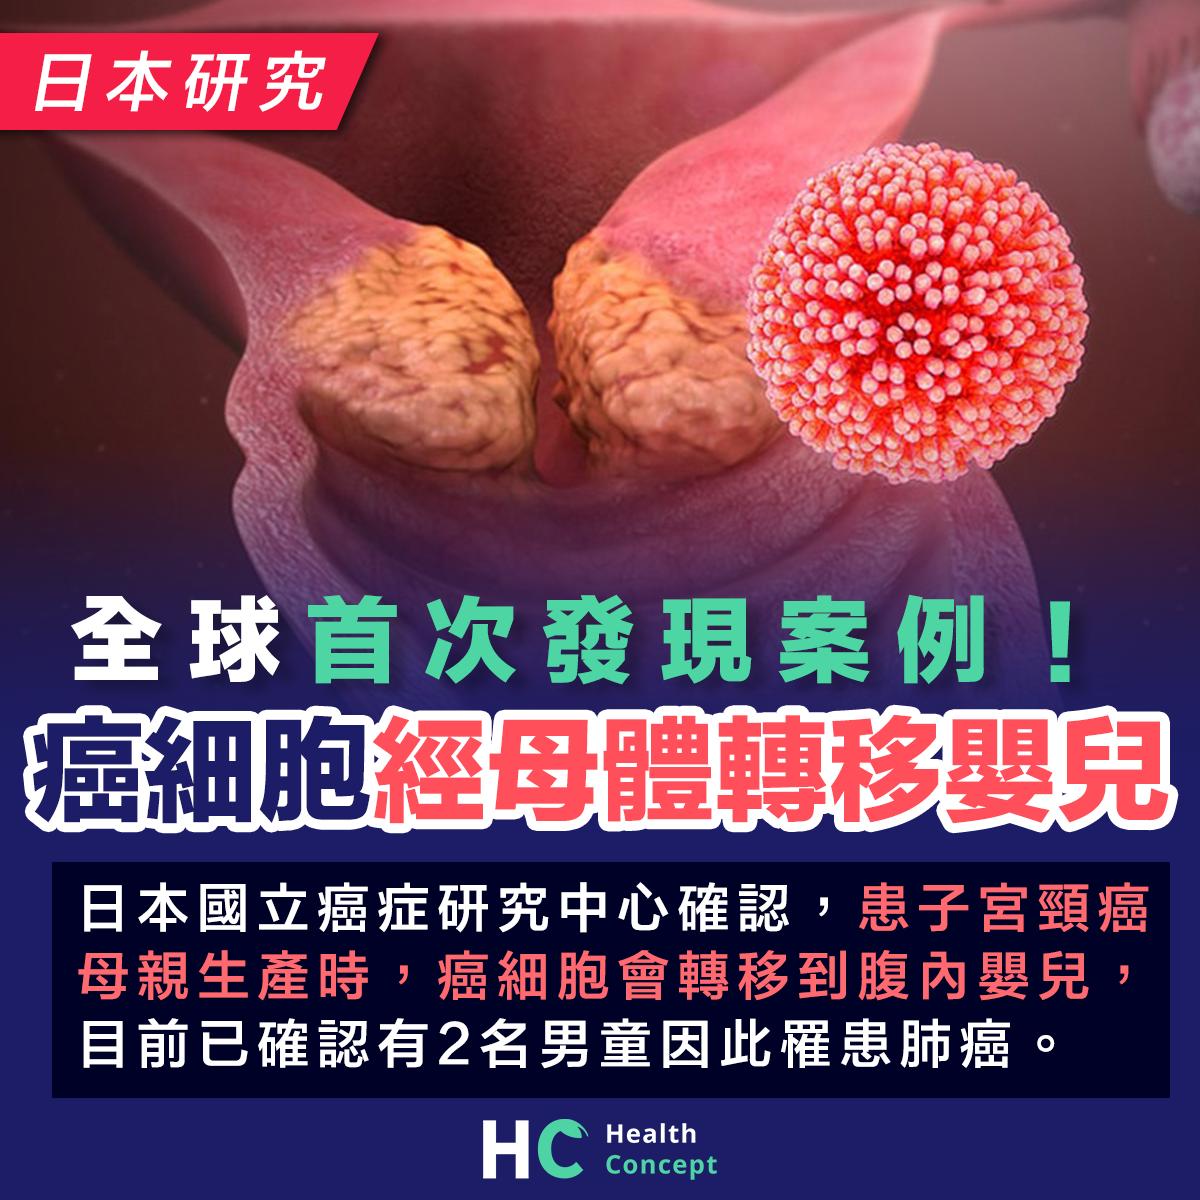 全球首次發現案例! 癌細胞會經母體轉移嬰兒